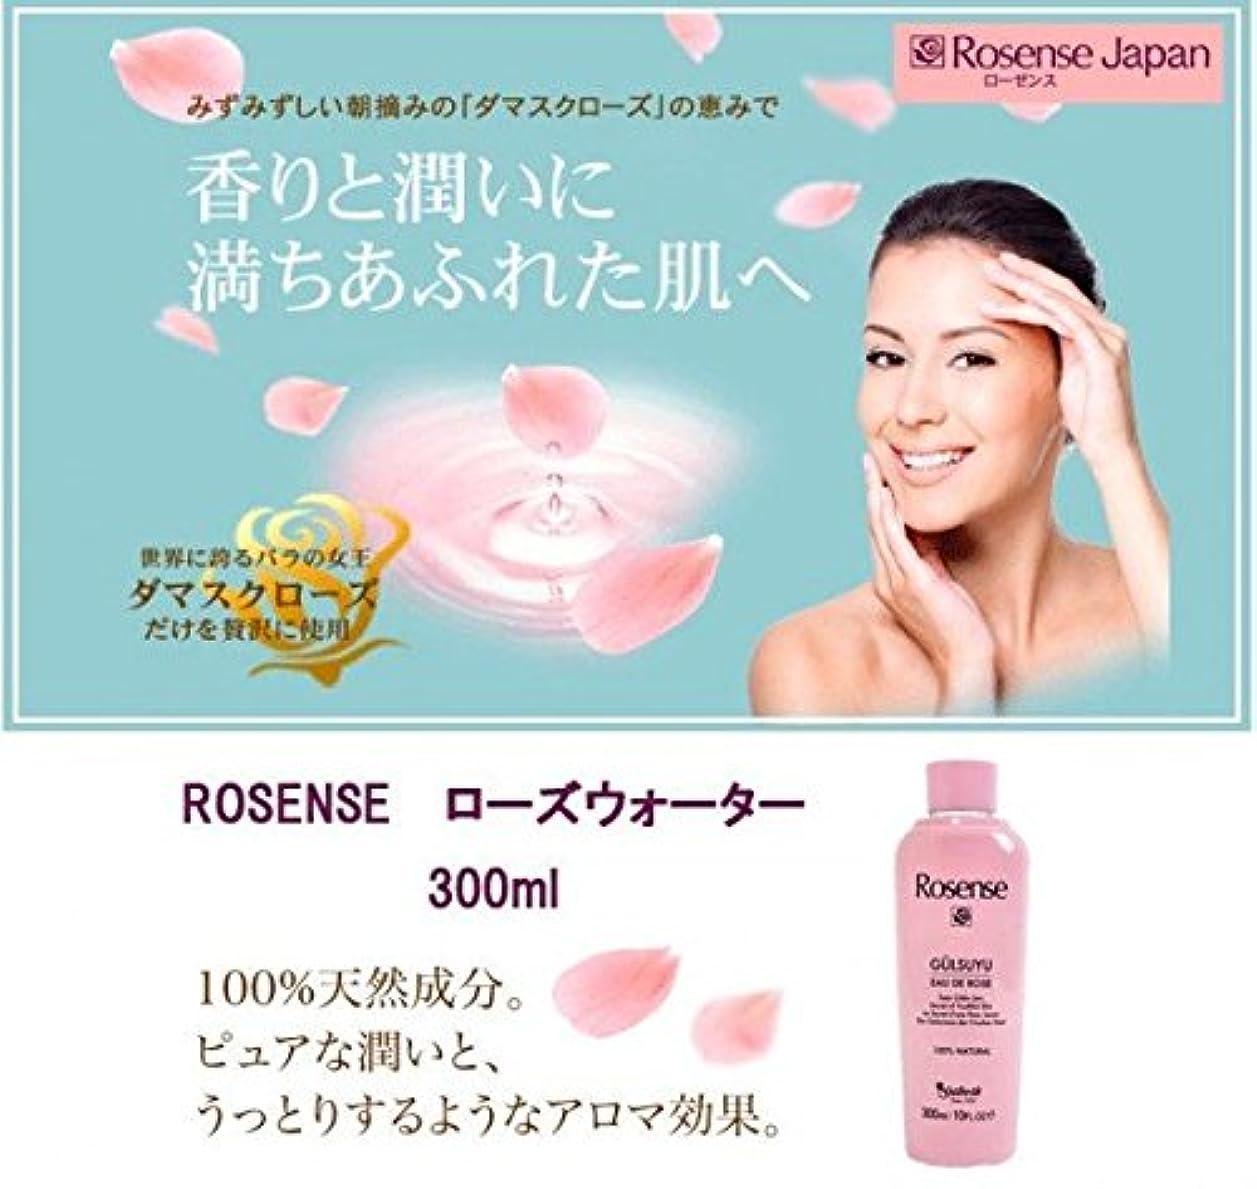 完了表面コーラスROSENSE ローズウォーター 300ml バラの芳醇な香りに包まれながら お肌を整えます